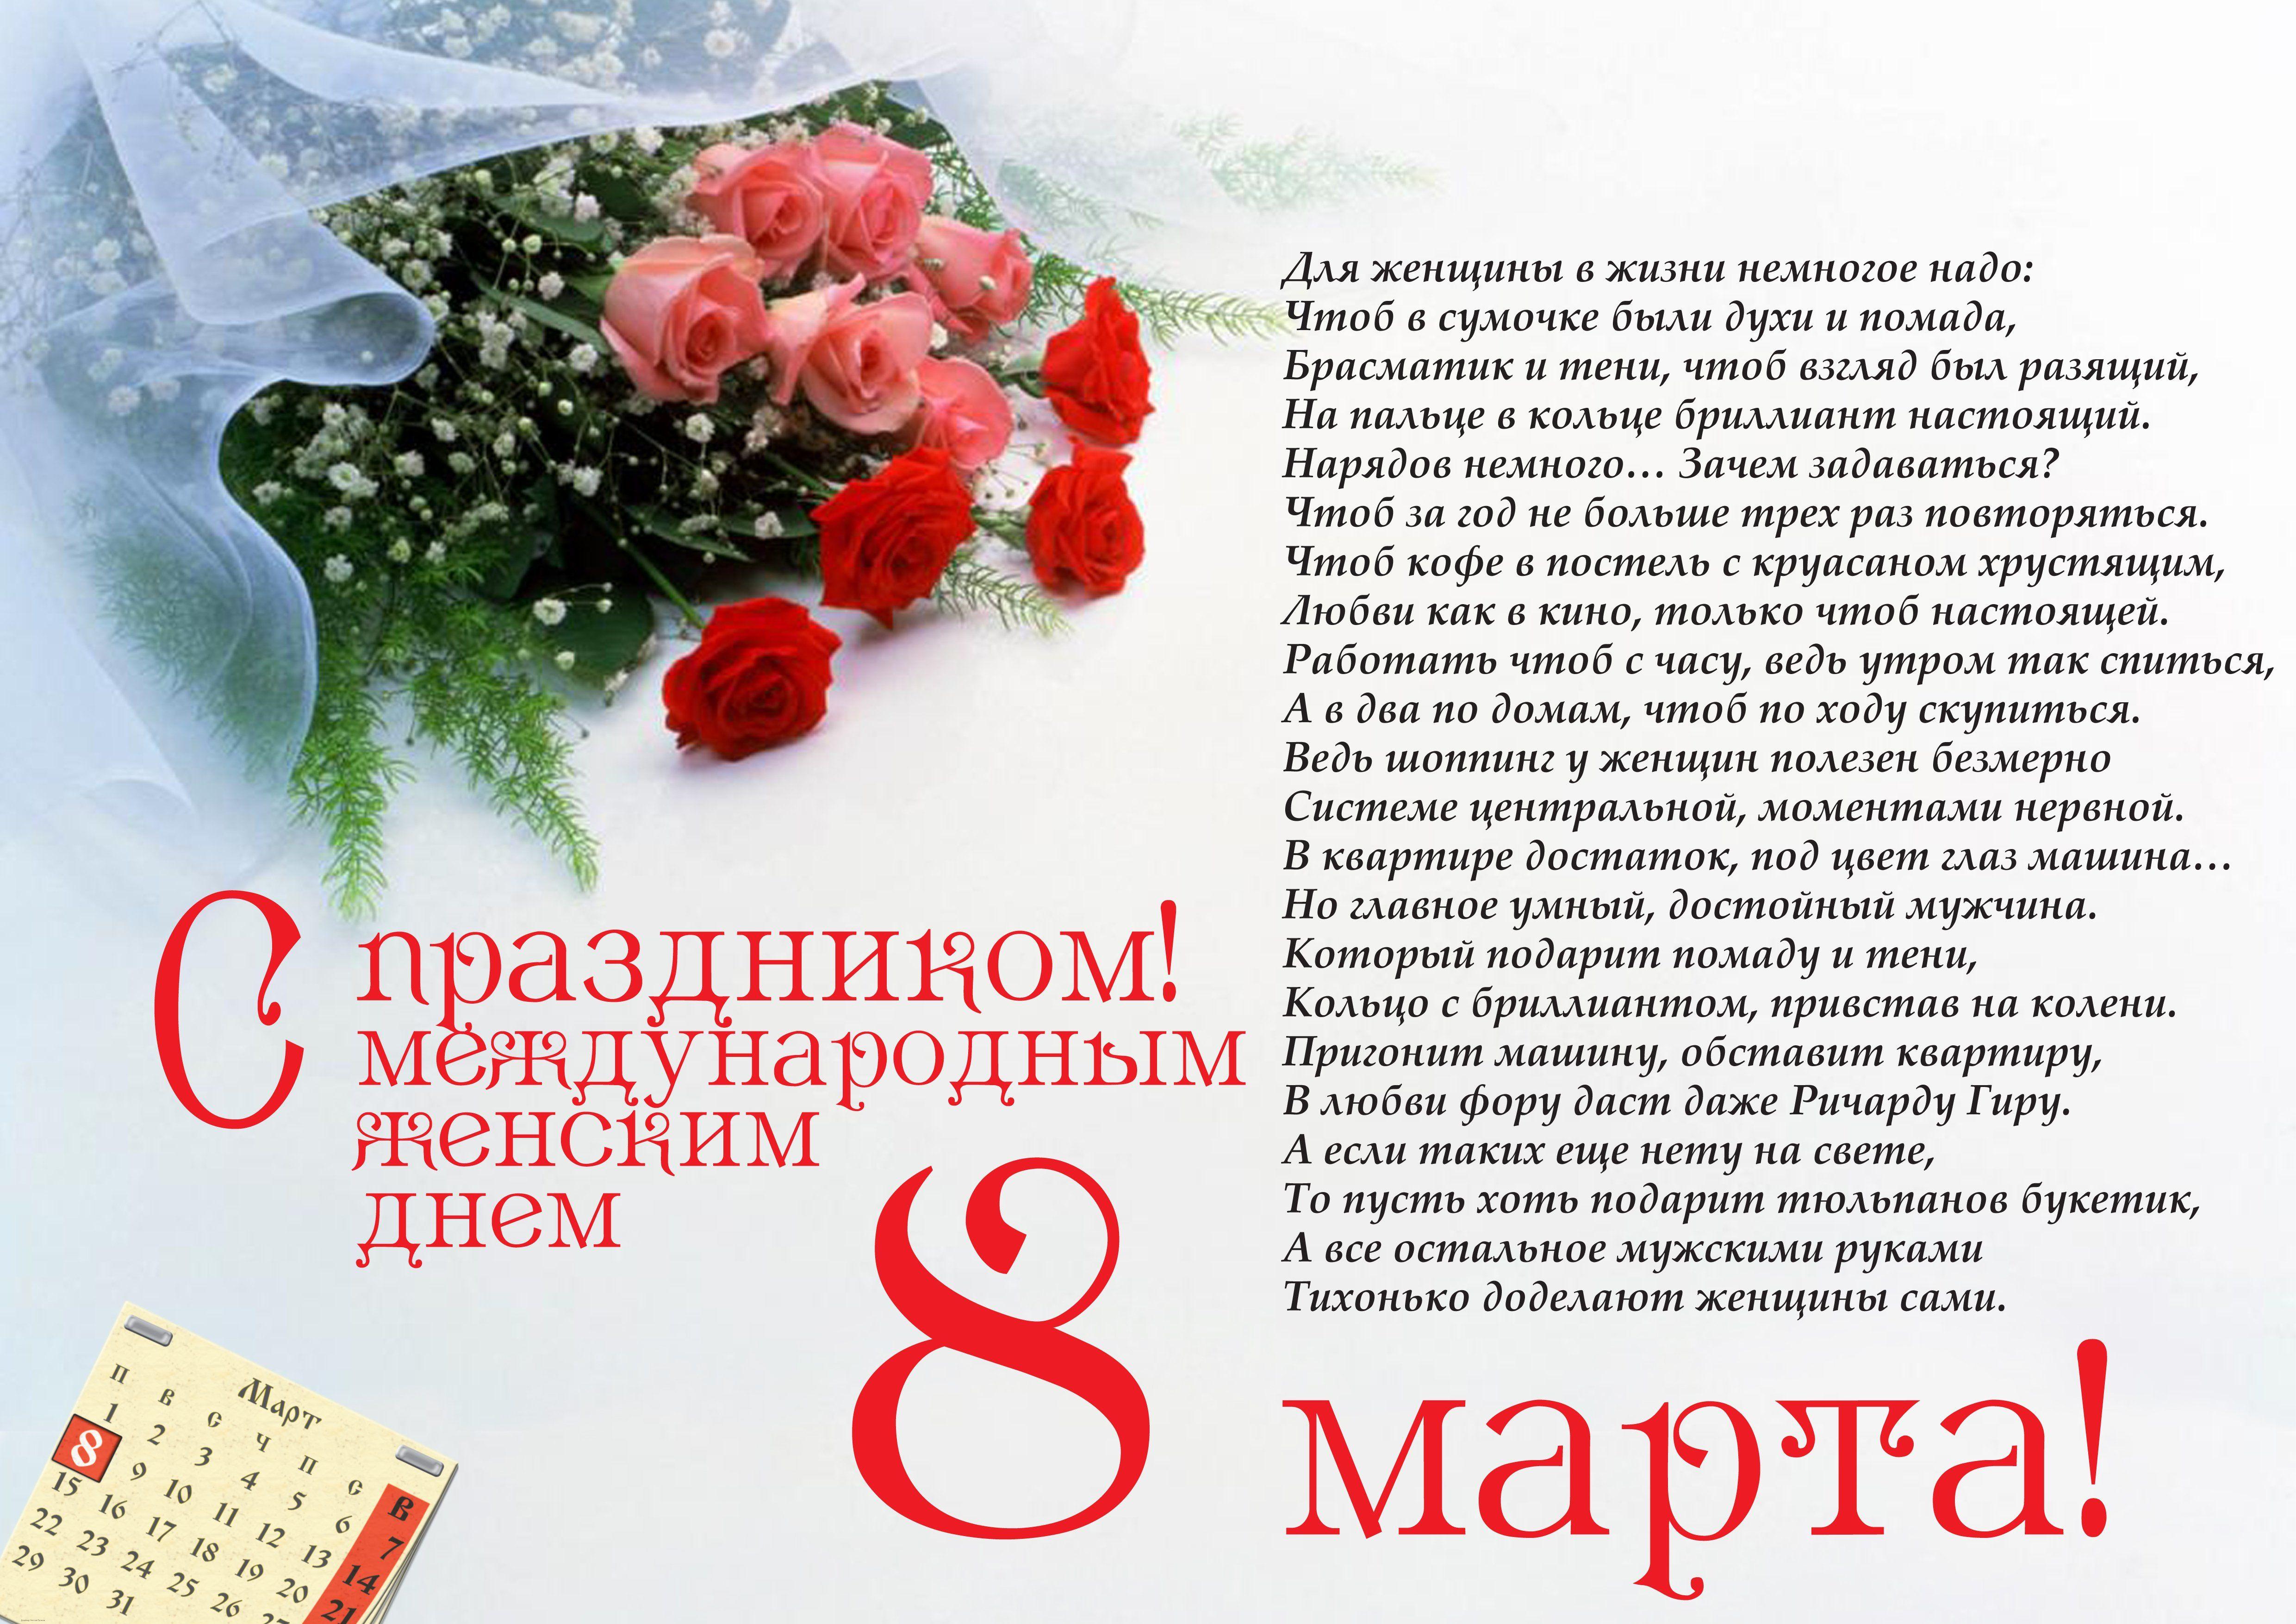 Поздравления к 8 марта в стихах самое красивое нам дали